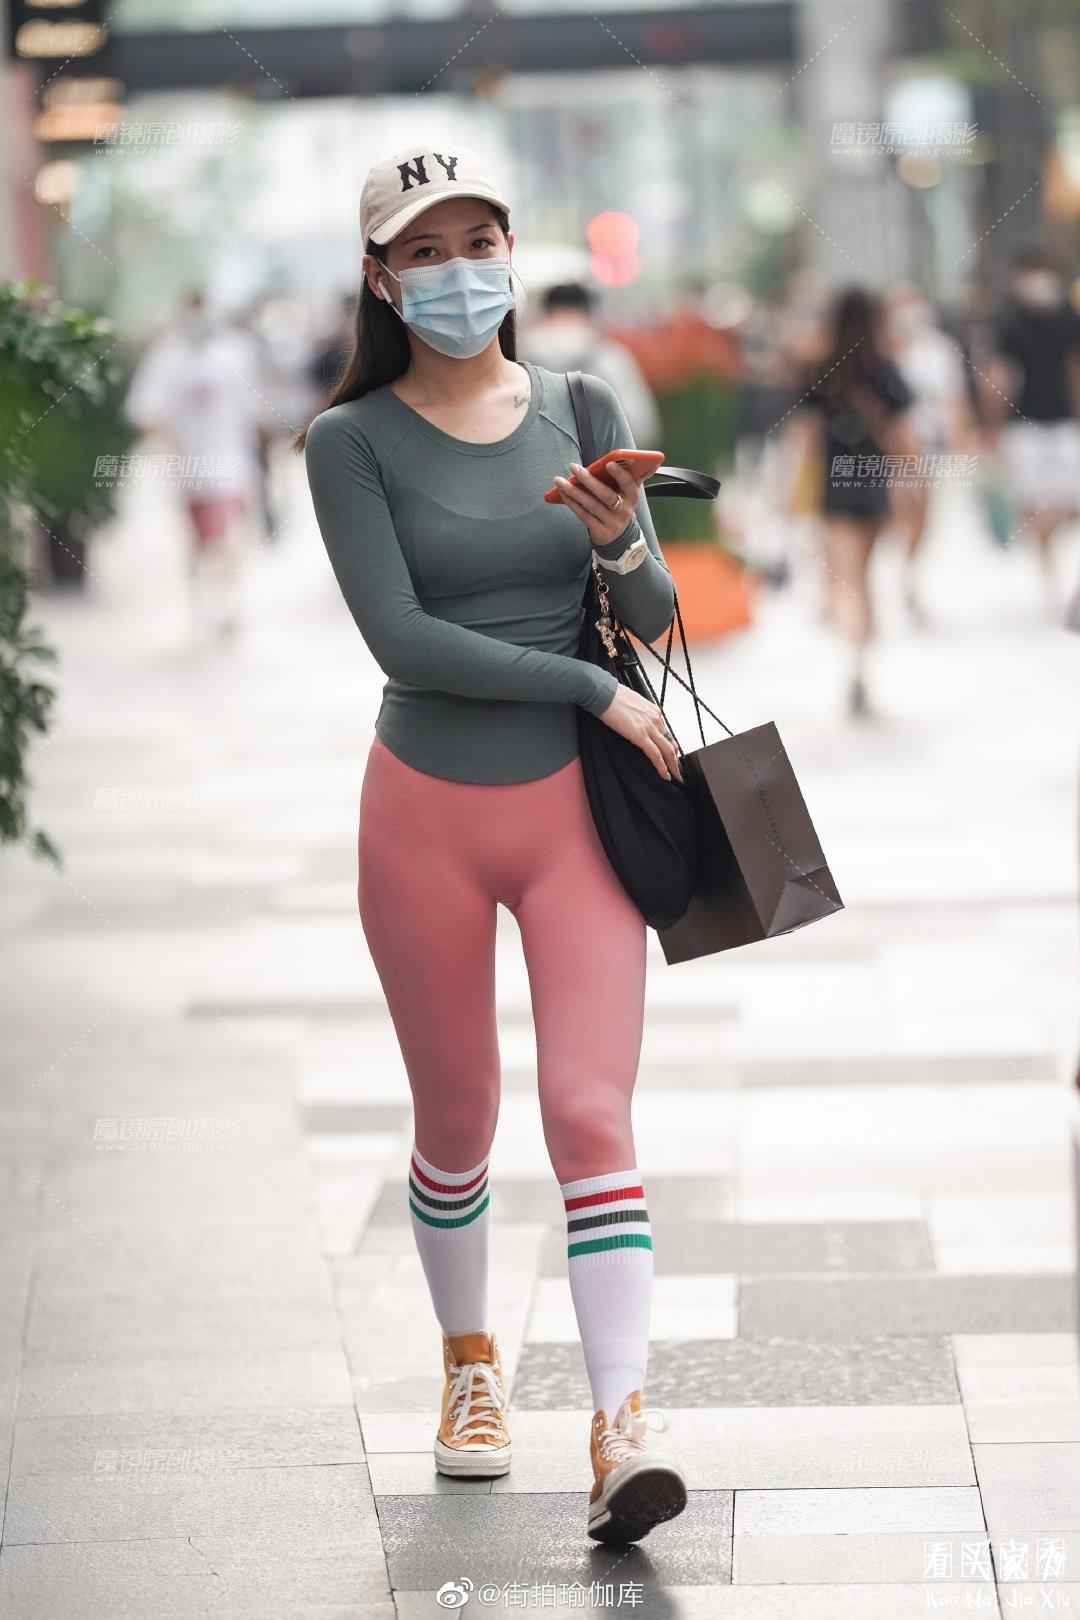 [街拍美女]性感紧身无痕运动裤,时尚休闲,凸显身材的美